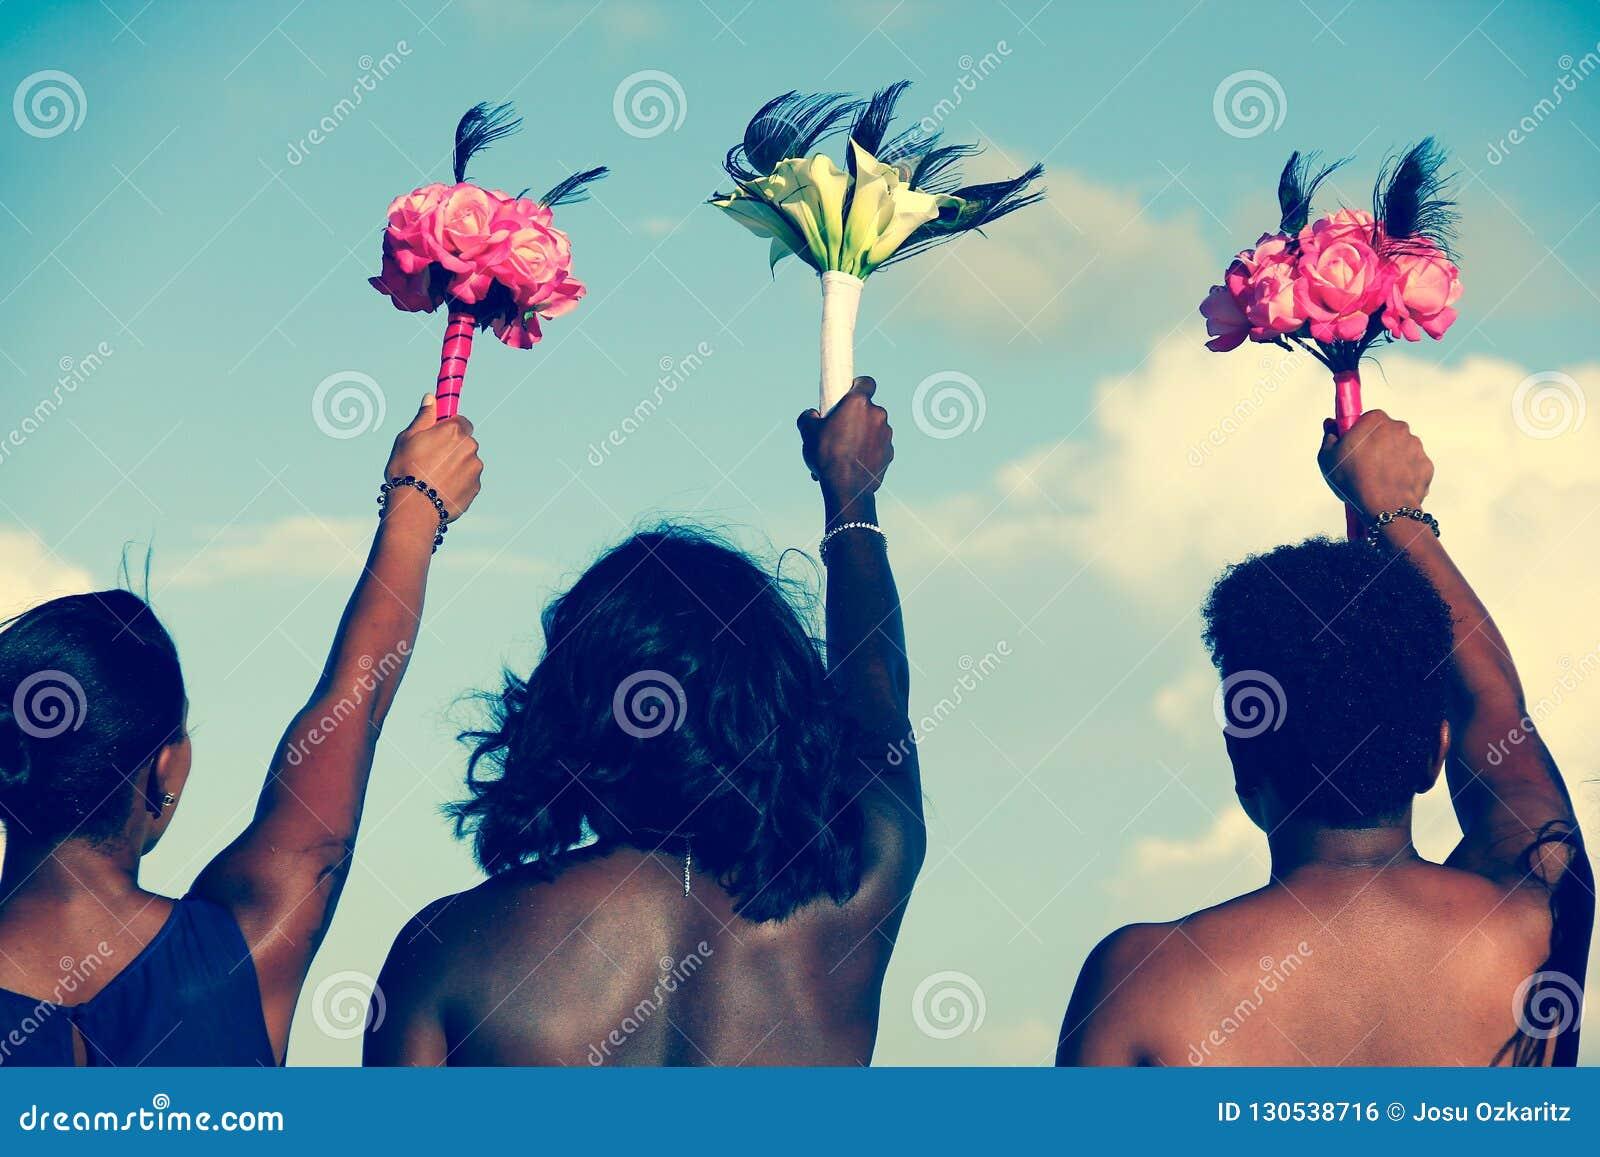 Parte posterior de las mujeres afroamericanas que sostienen ramos coloridos en el aire el día de boda